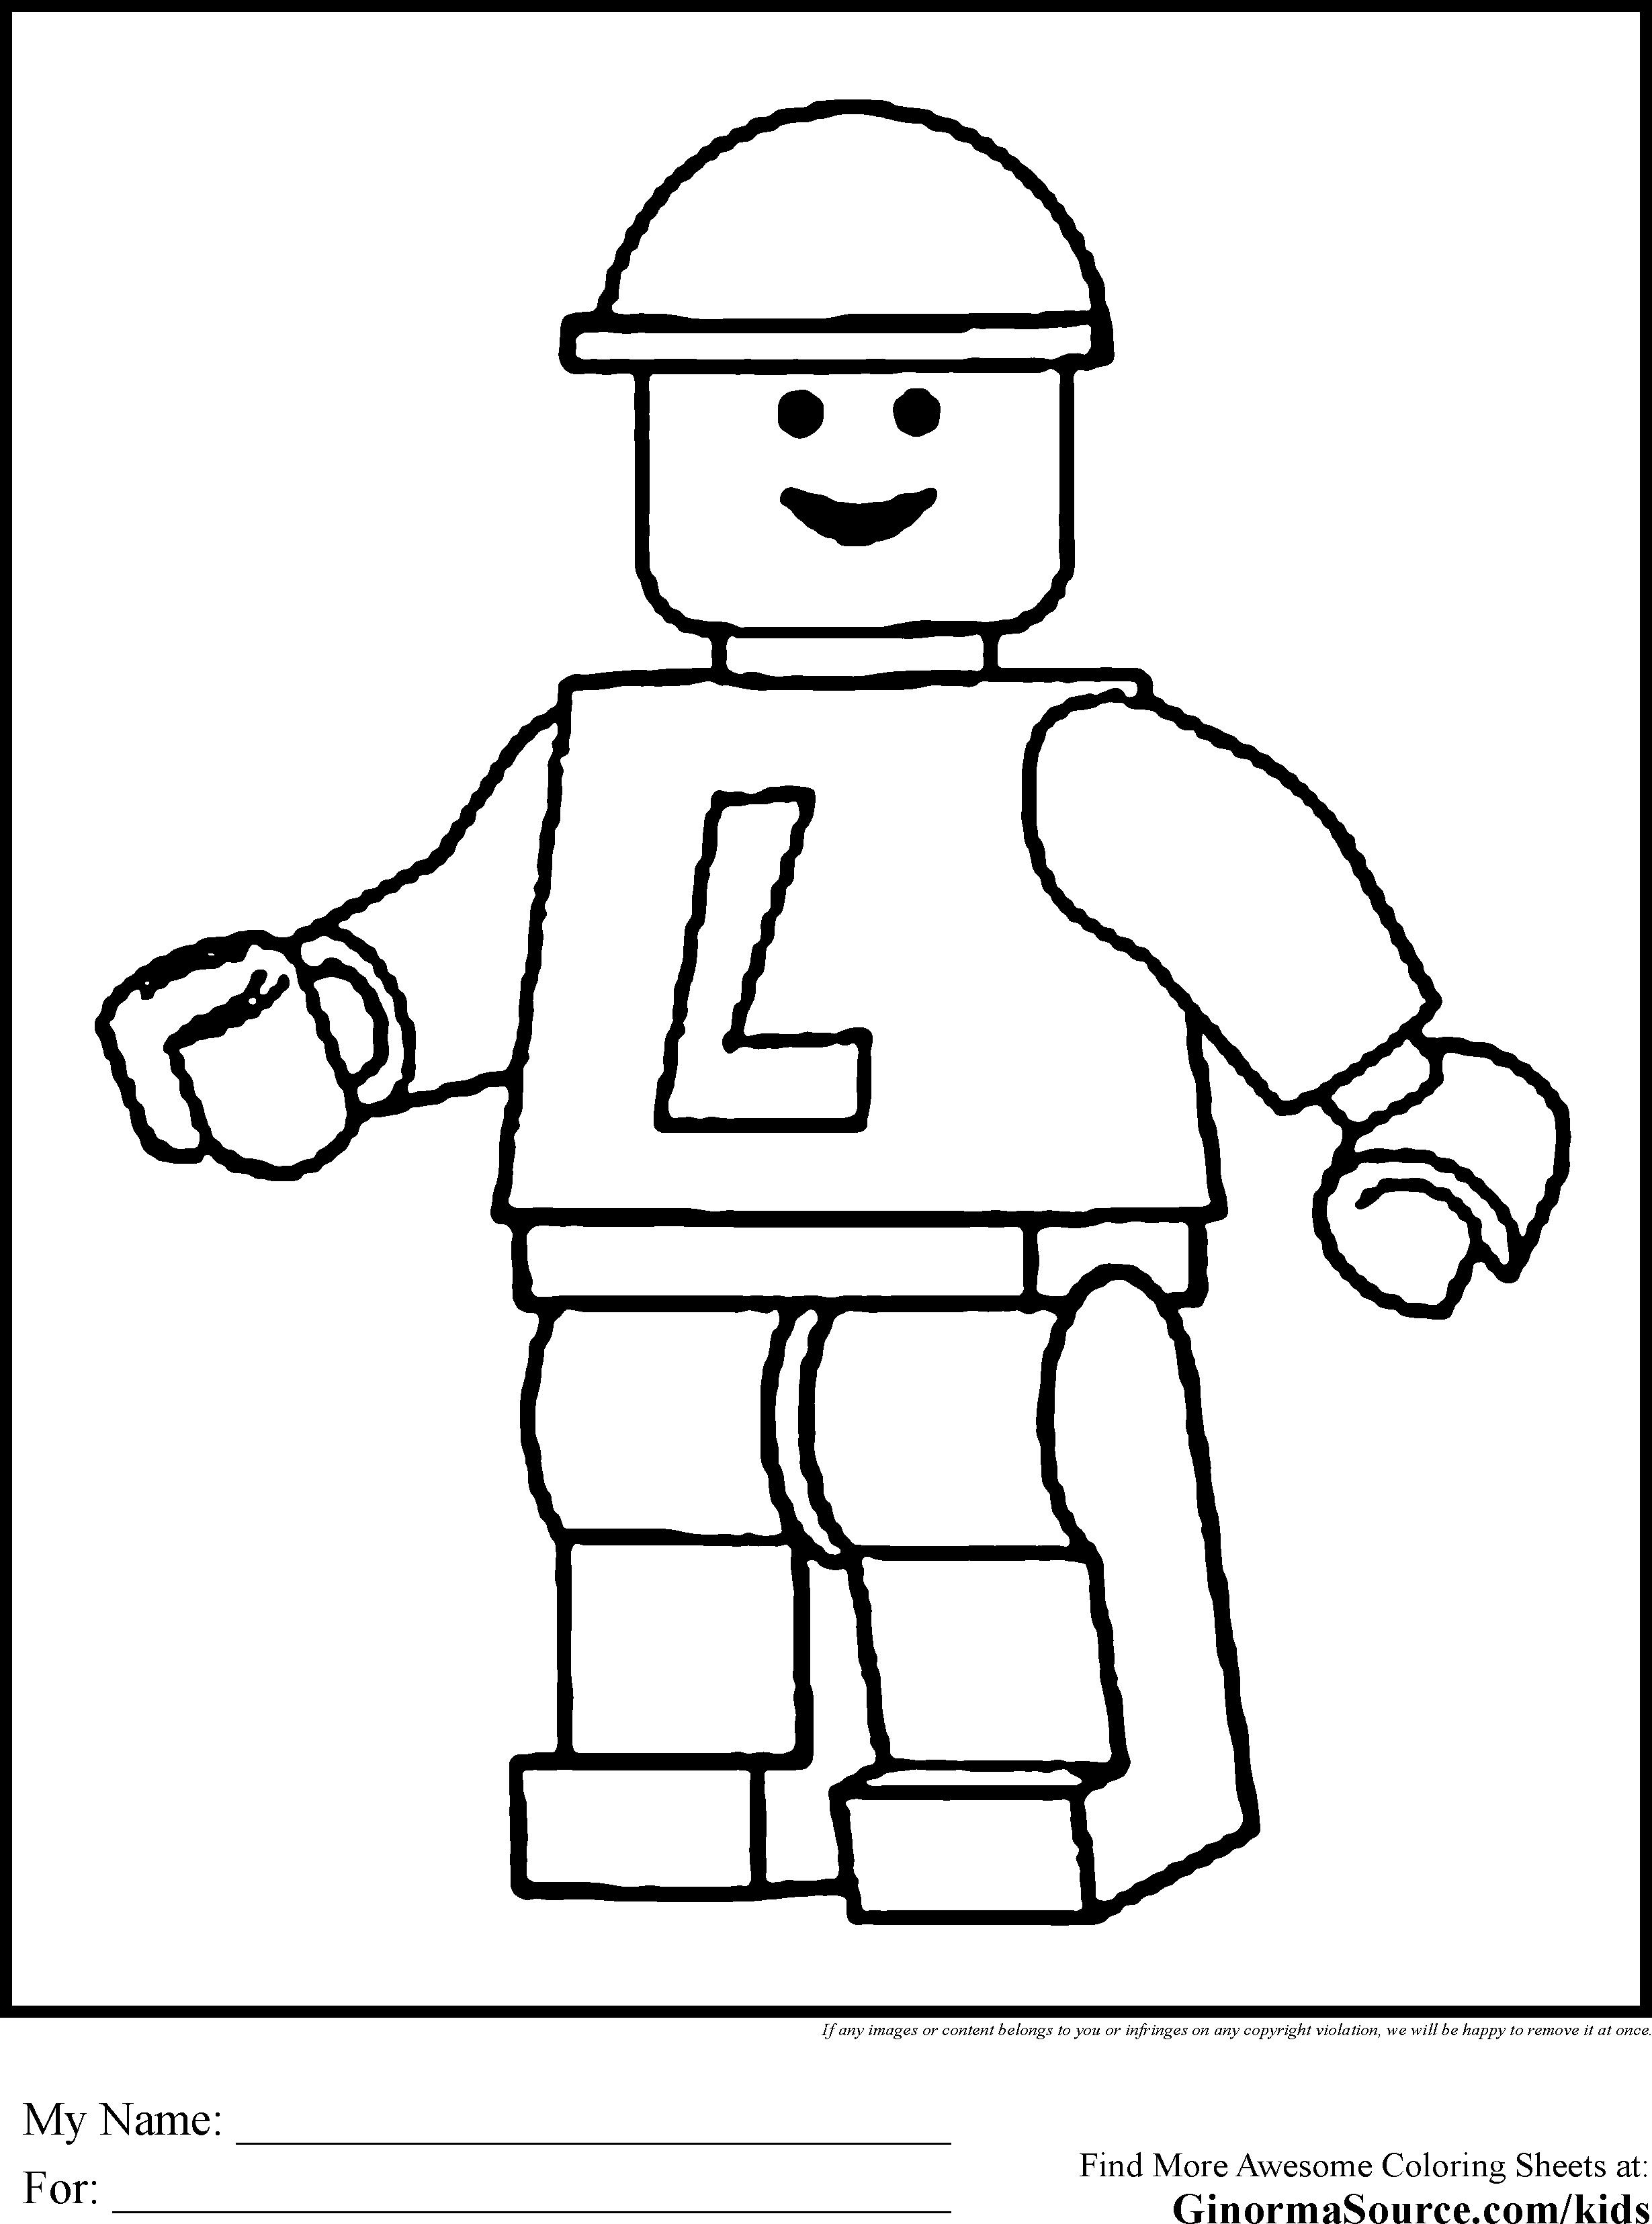 LegoColoringPagesLegoman.gif 2,459×3,310 pixels